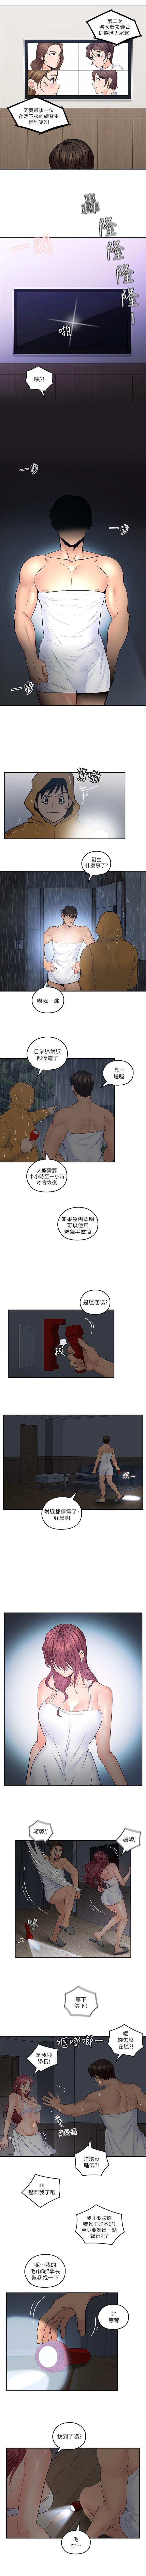 (週4)親愛的大叔 1-33 中文翻譯(更新中) 160